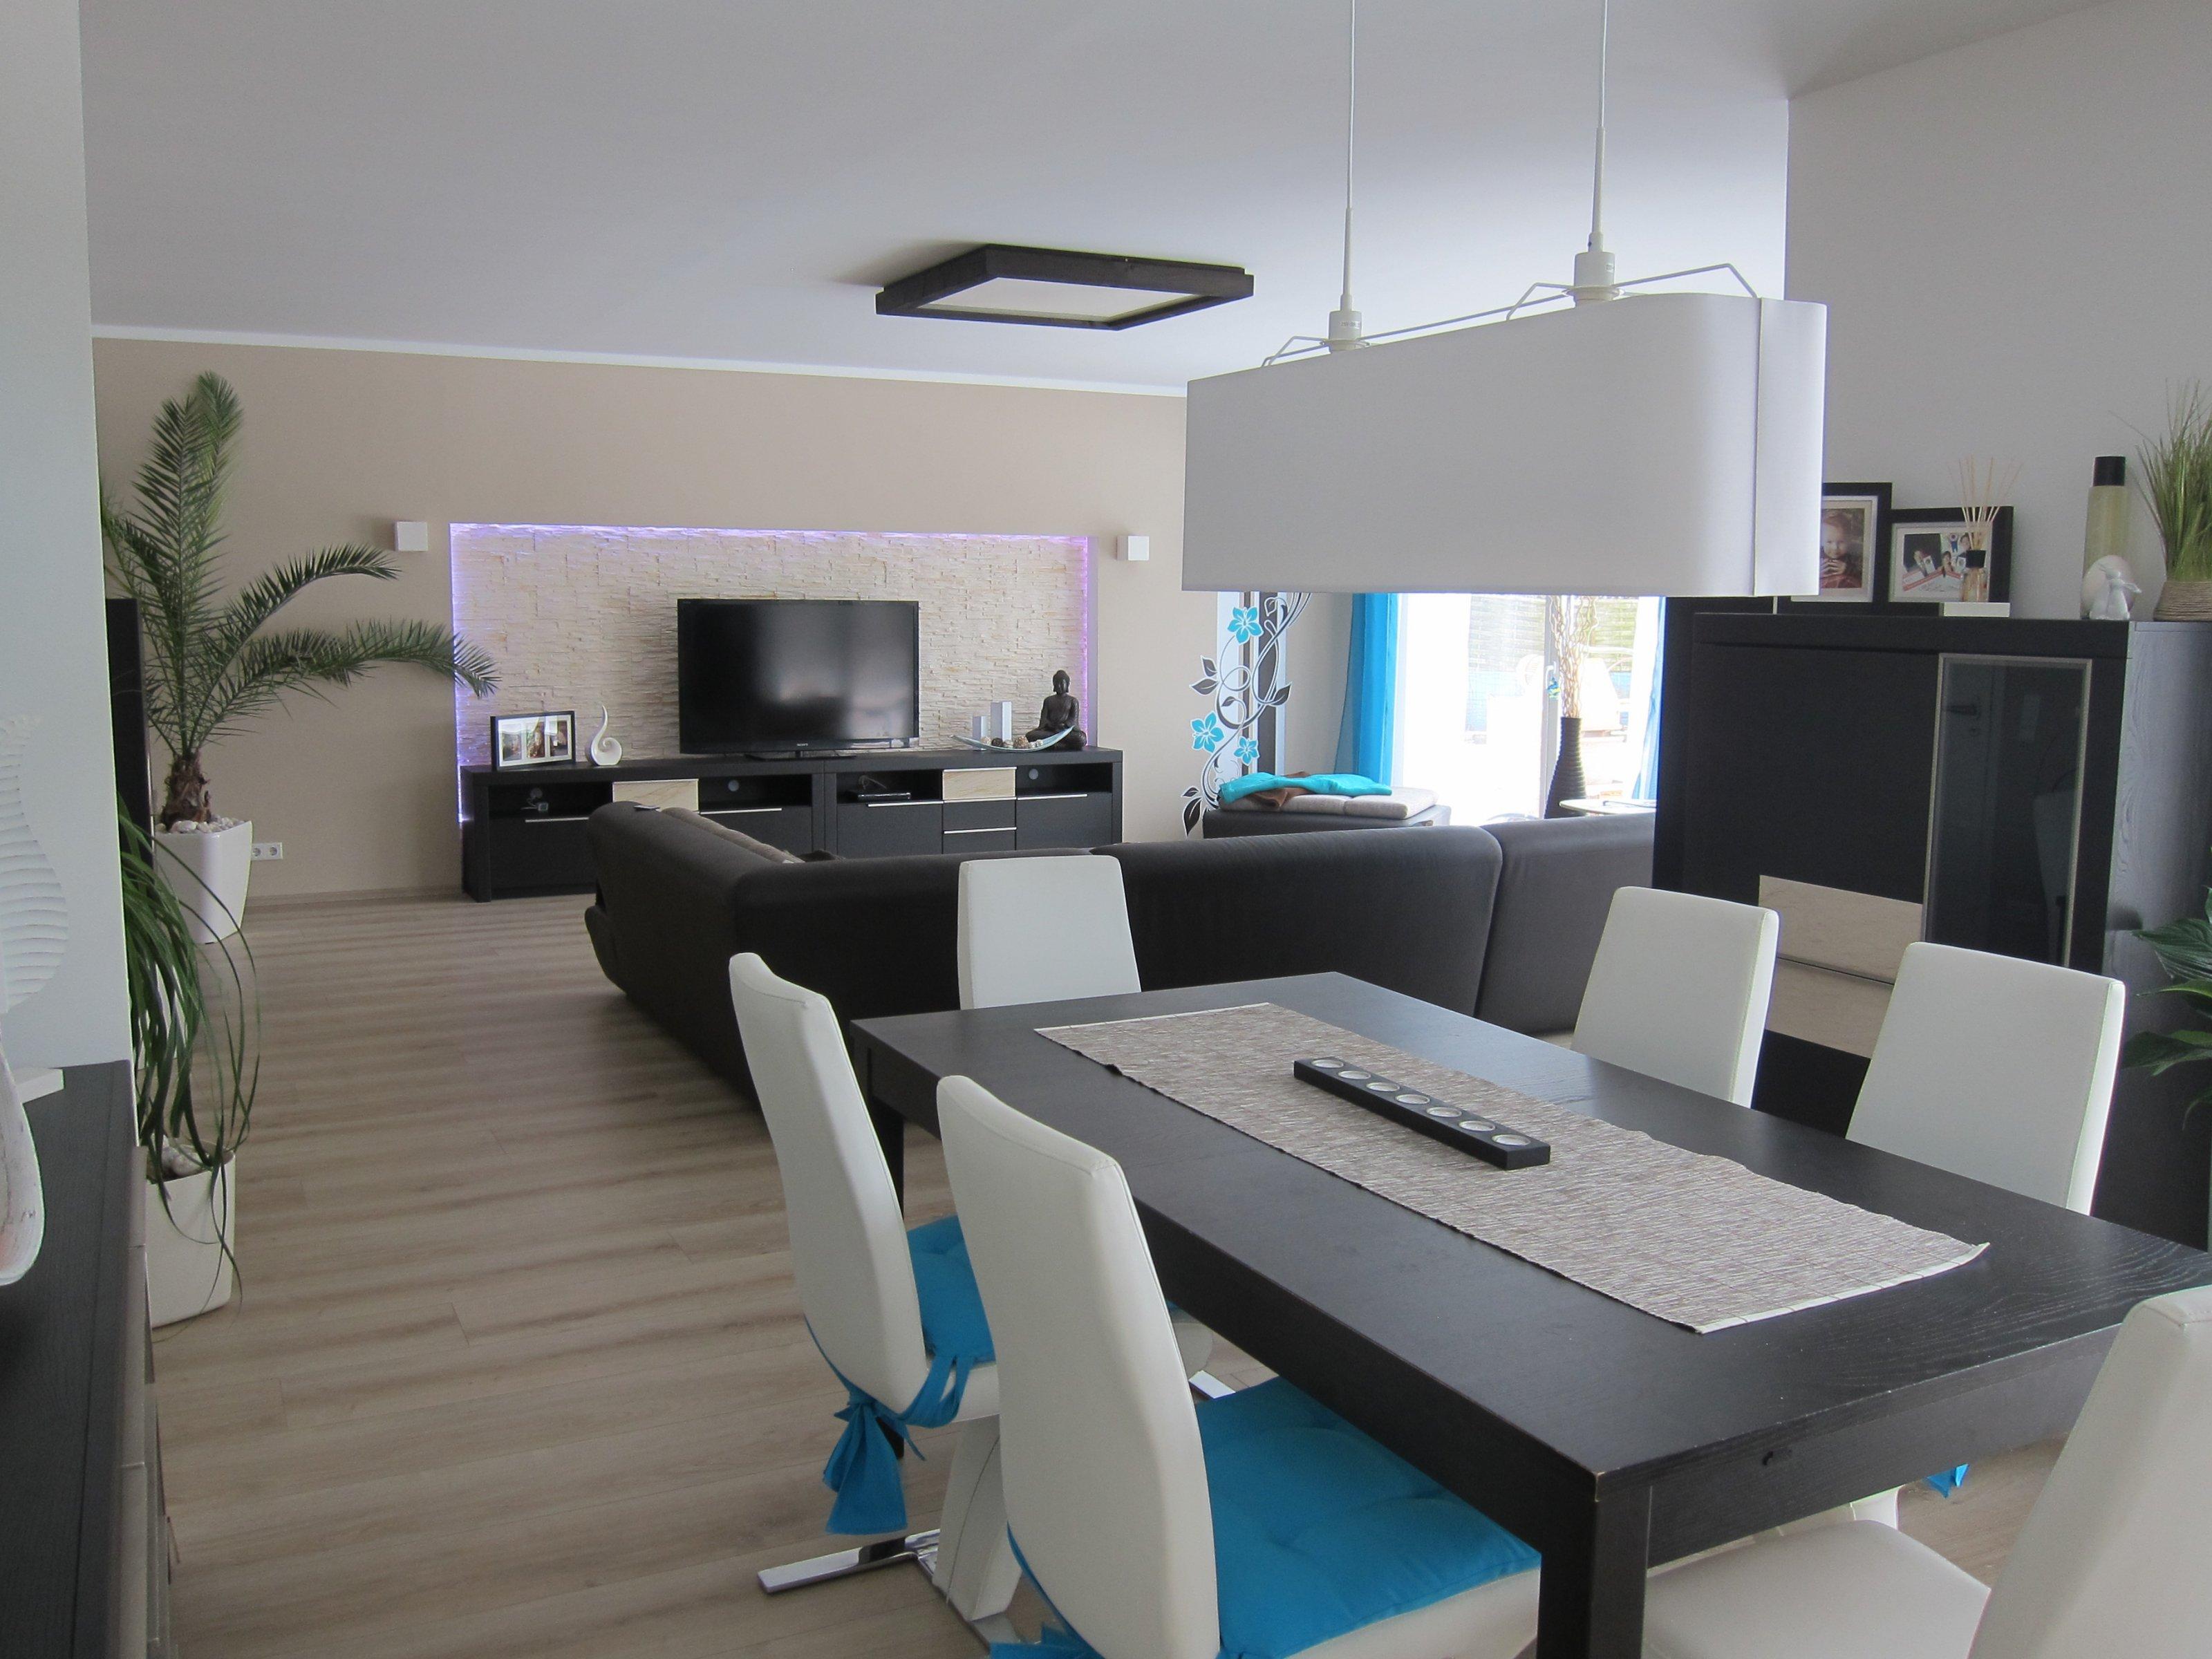 Wohnzimmer 39 wohn esszimmer k che in neuem glanz 39 unser traum vom haus zimmerschau - Esszimmer modern ...